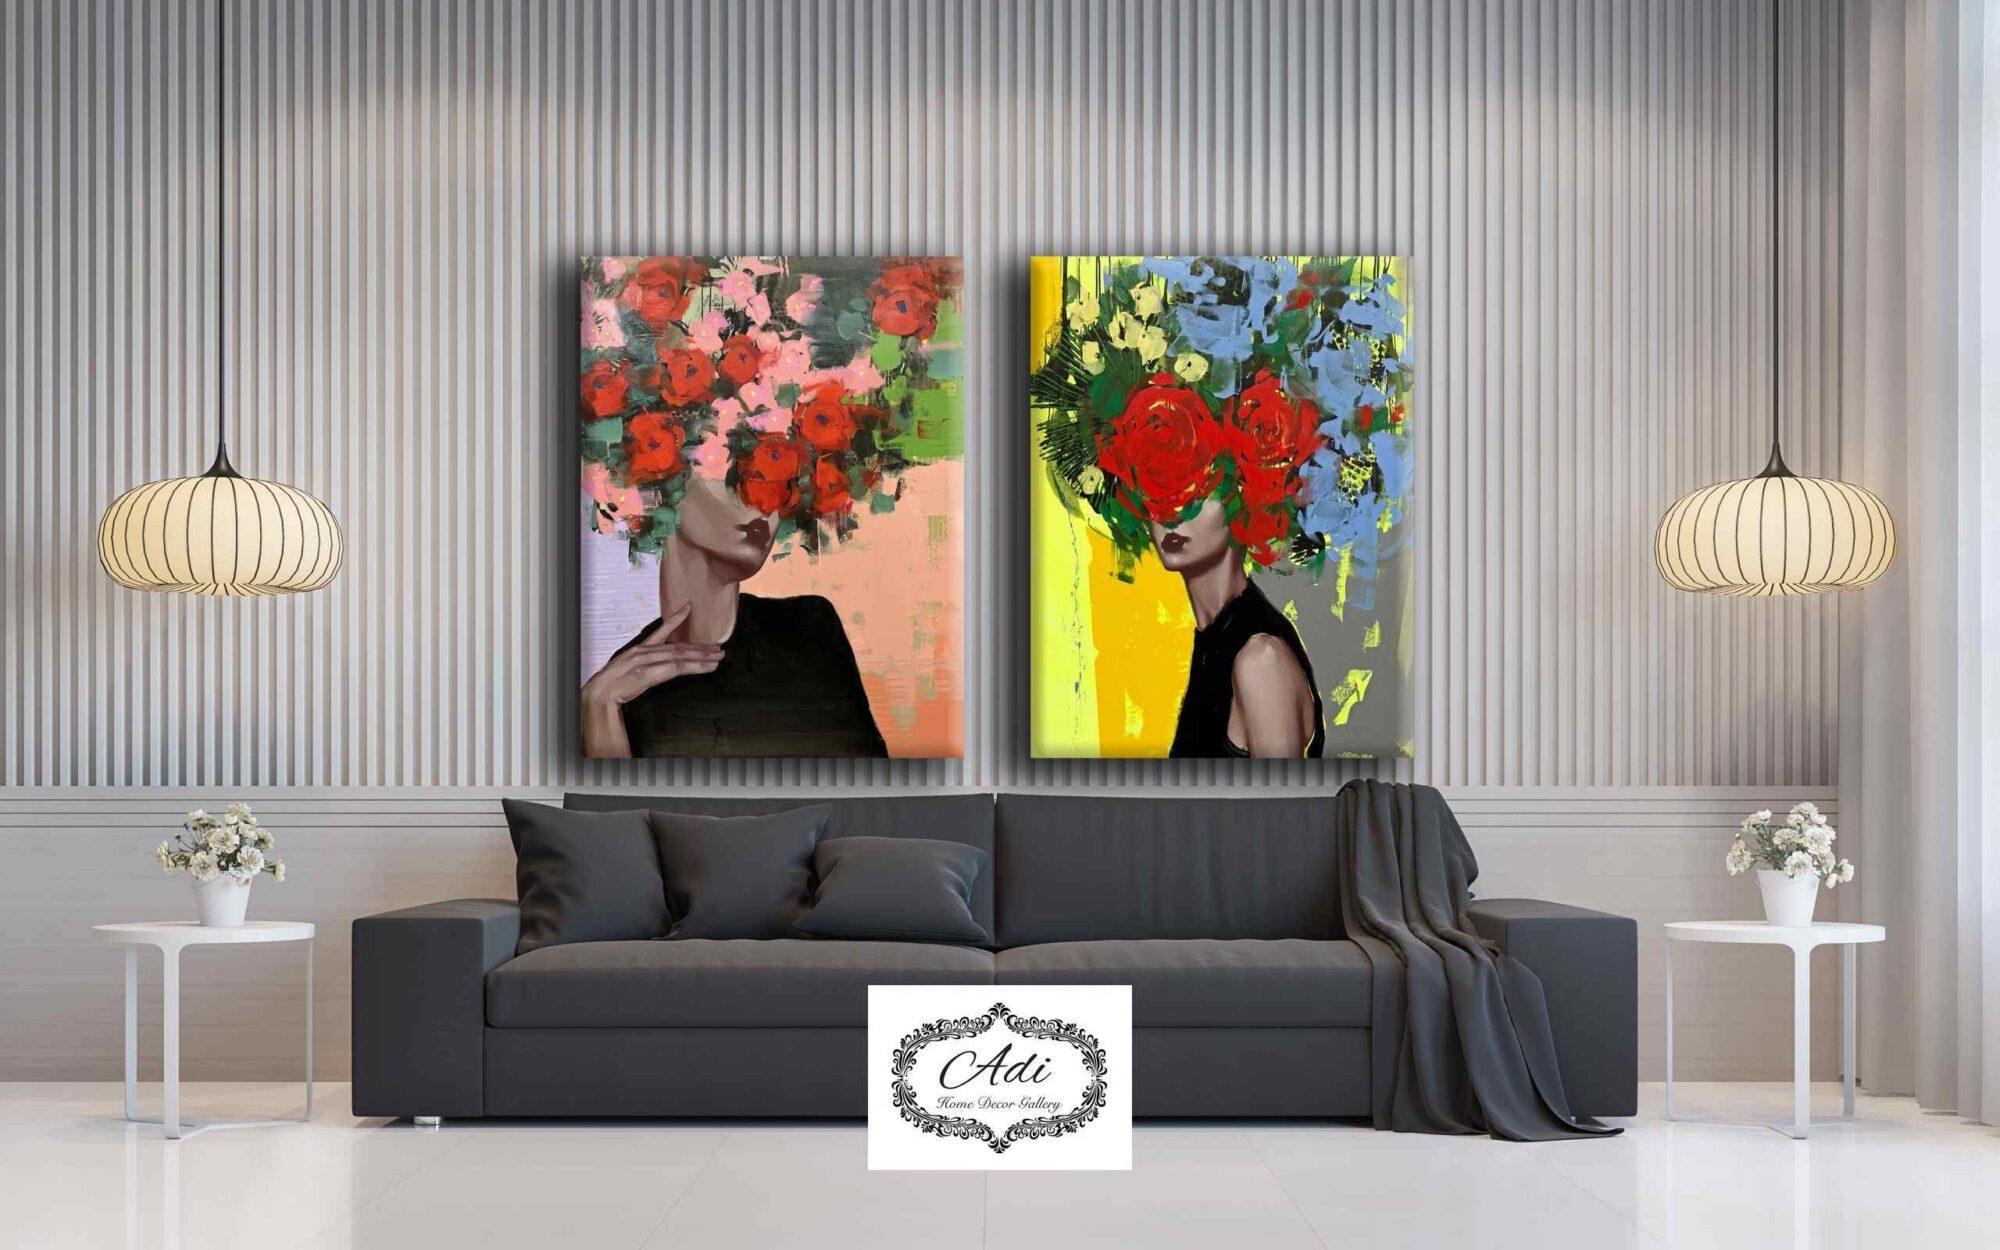 עיצוב הבית: איך בוחרים תמונת קנבס לסלון